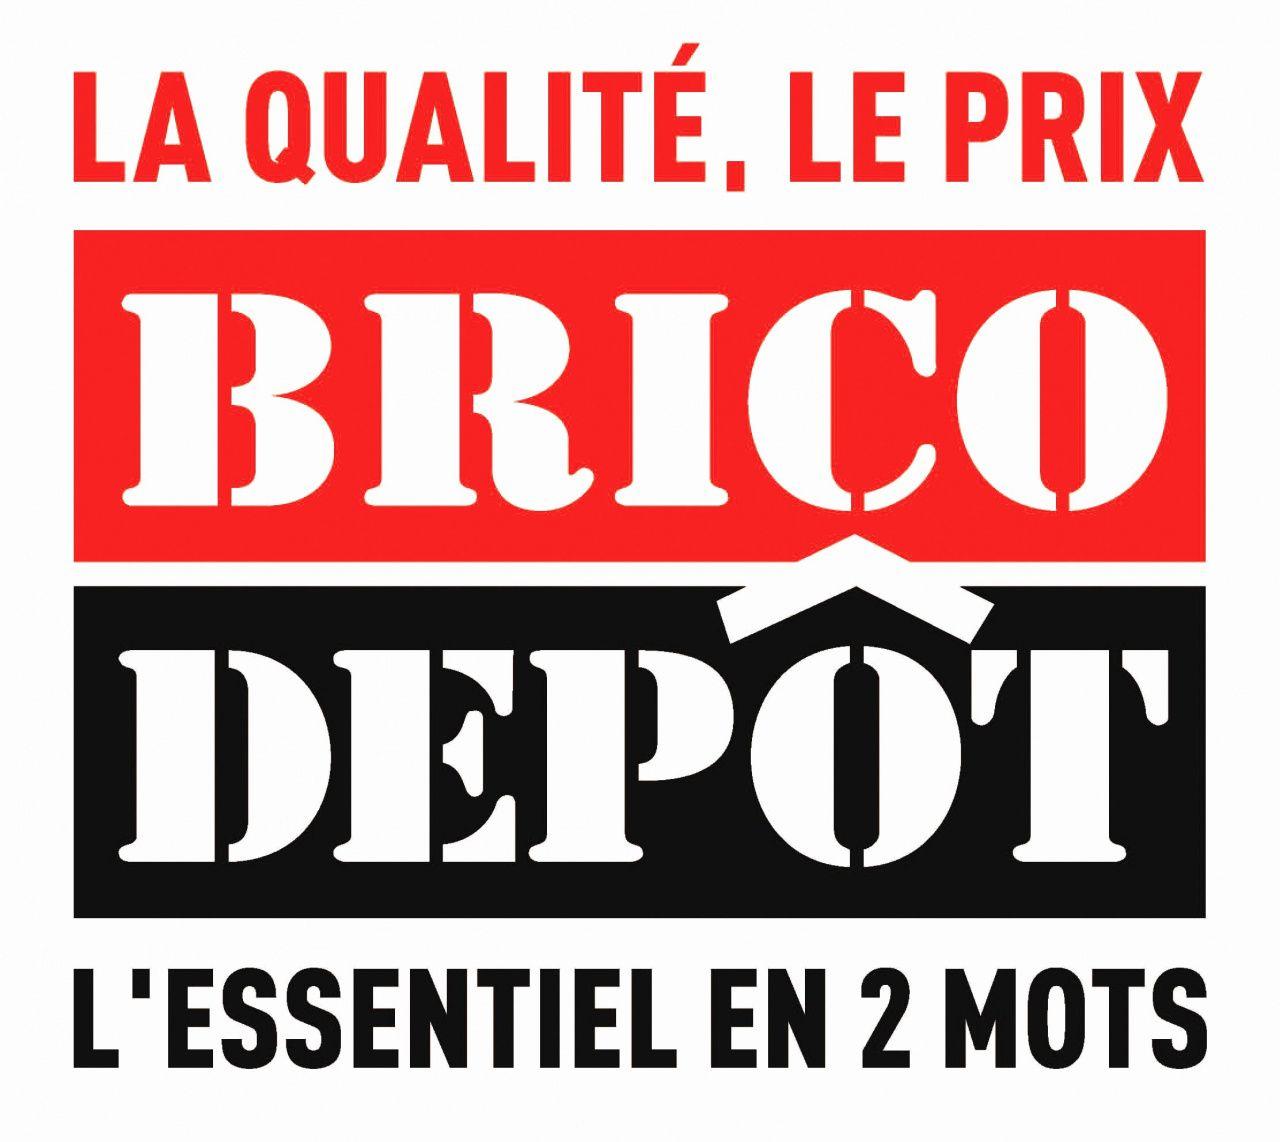 77 Nuancier Peinture Brico Depot | Cuisine Design In 2019 ... destiné Salon De Jardin Allibert Brico Depot